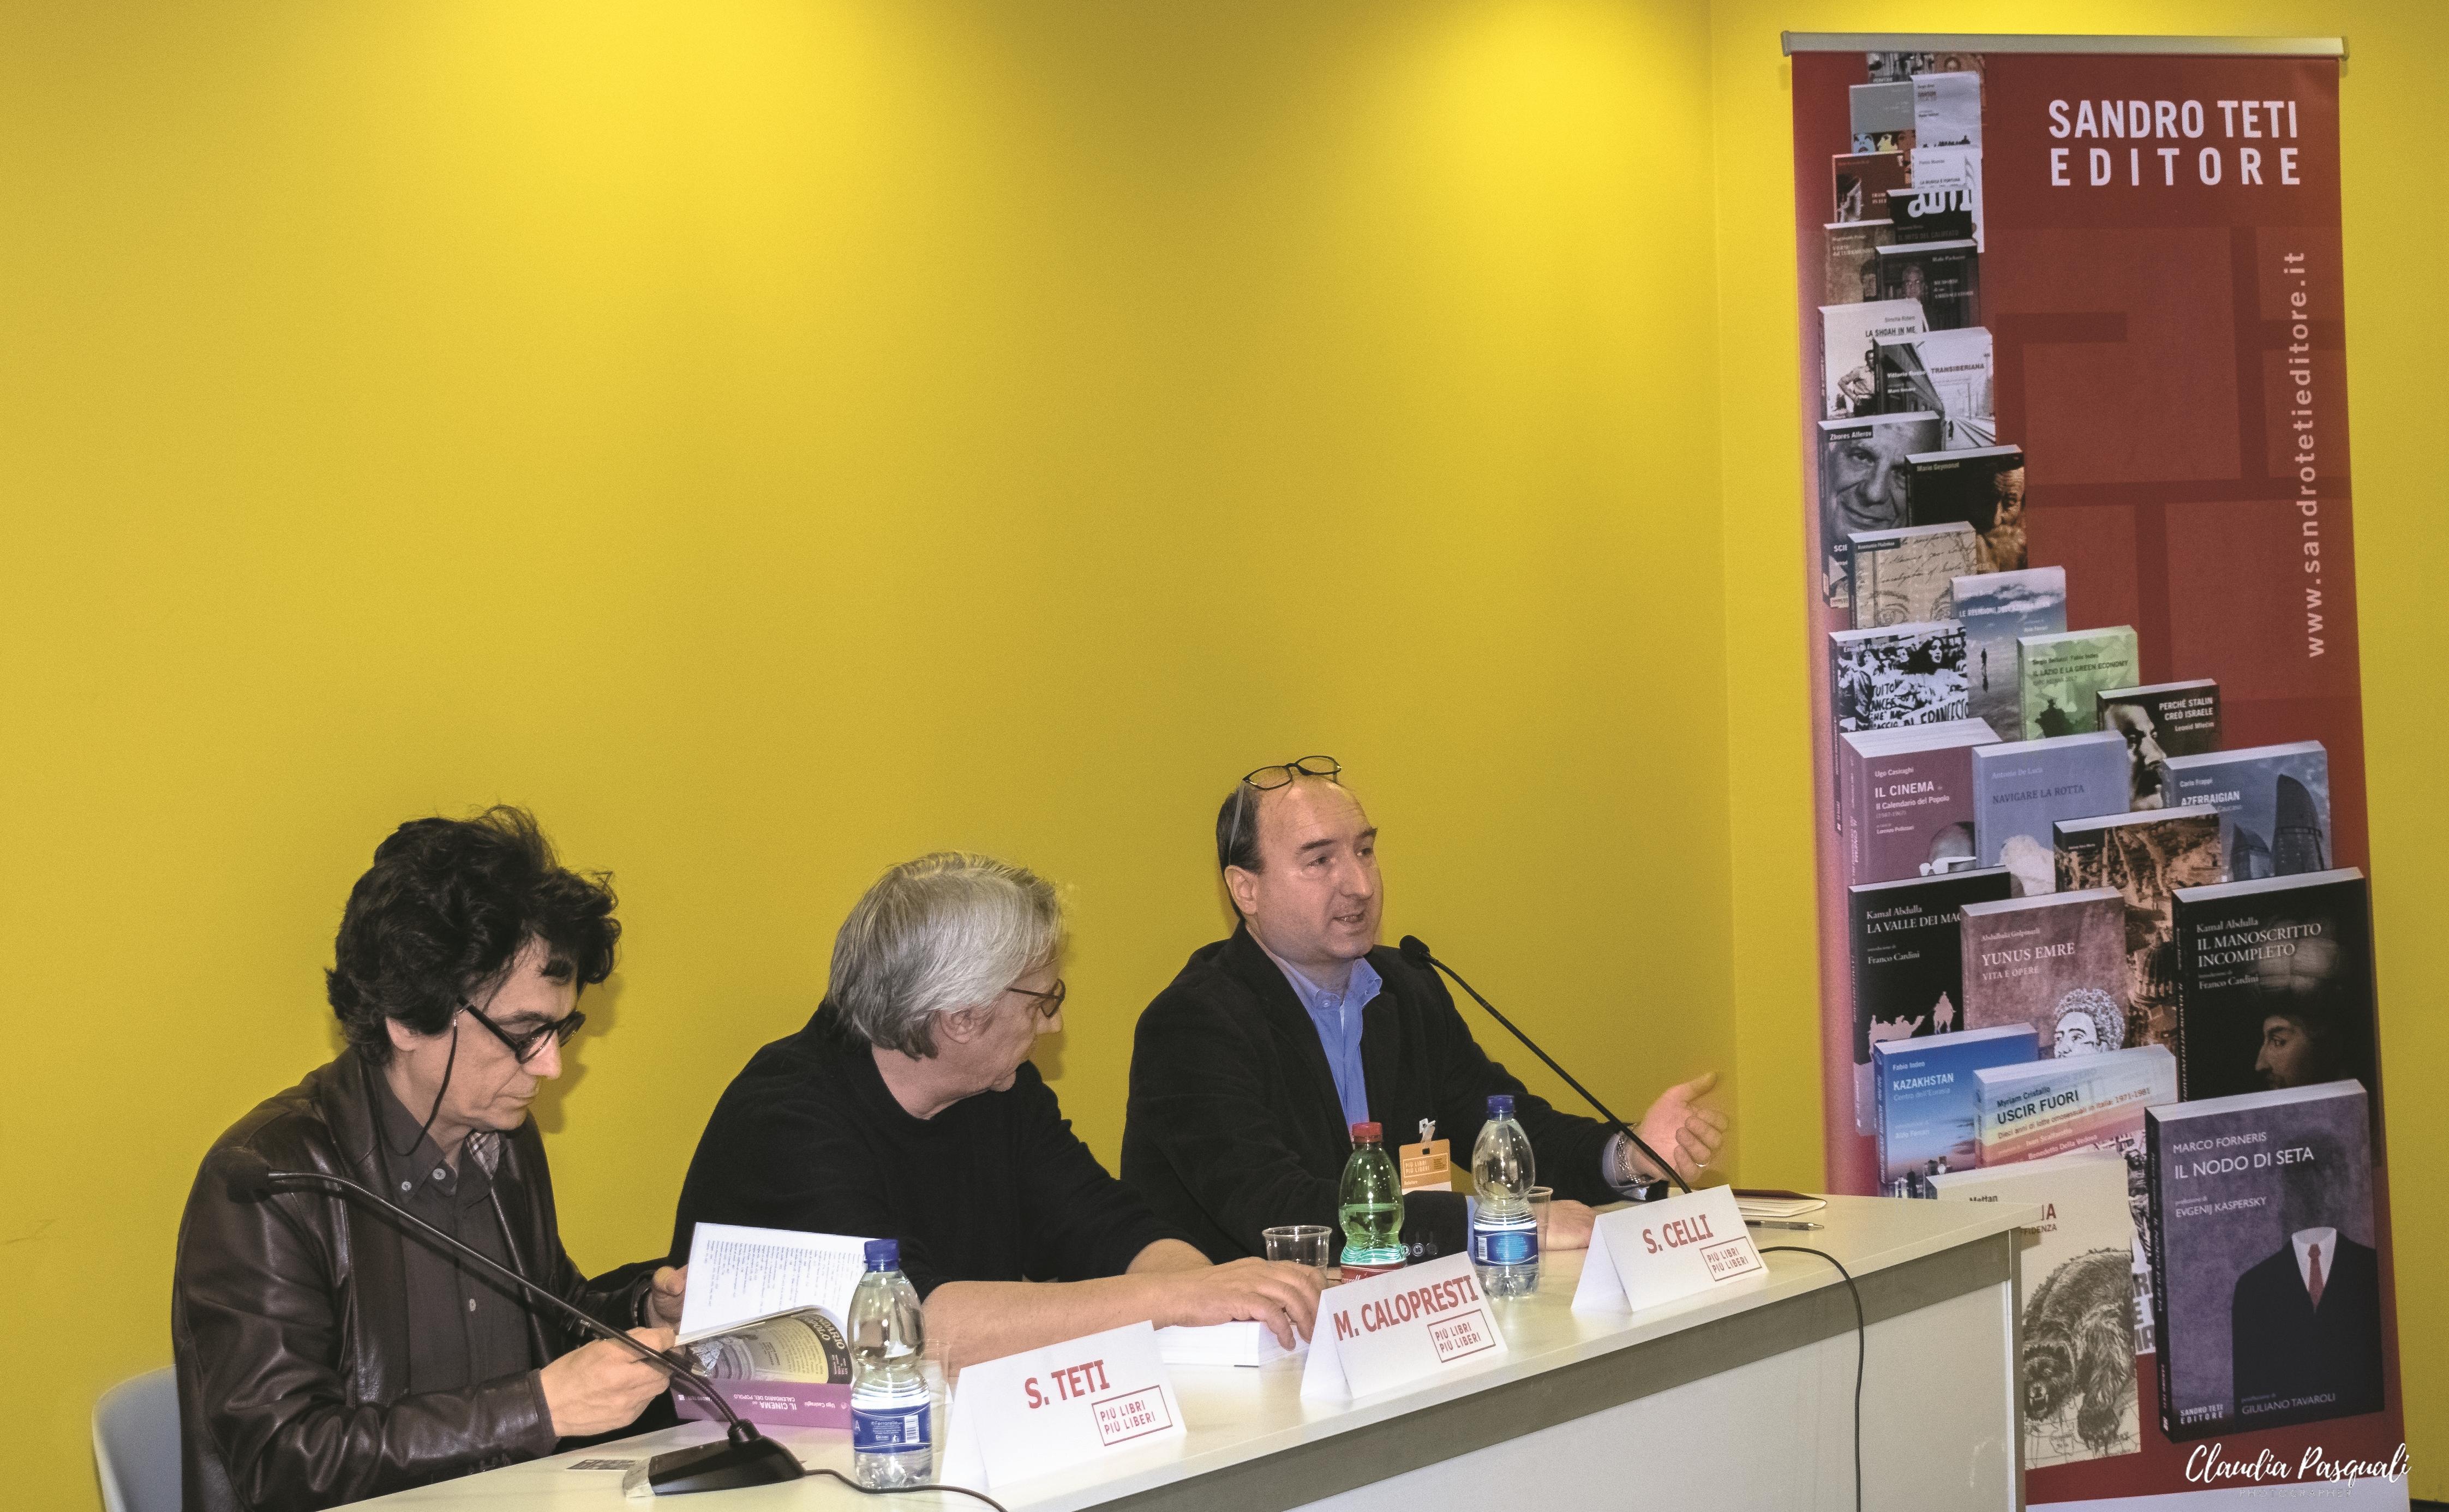 """Presentazione del libro di Marco Forneris """"Il Cinema de Il Calendario del Popolo"""" a Più Libri Più Liberi. Nella foto: l'editore Sandro Teti; Mimmo Calopresti e Silvio Celli."""